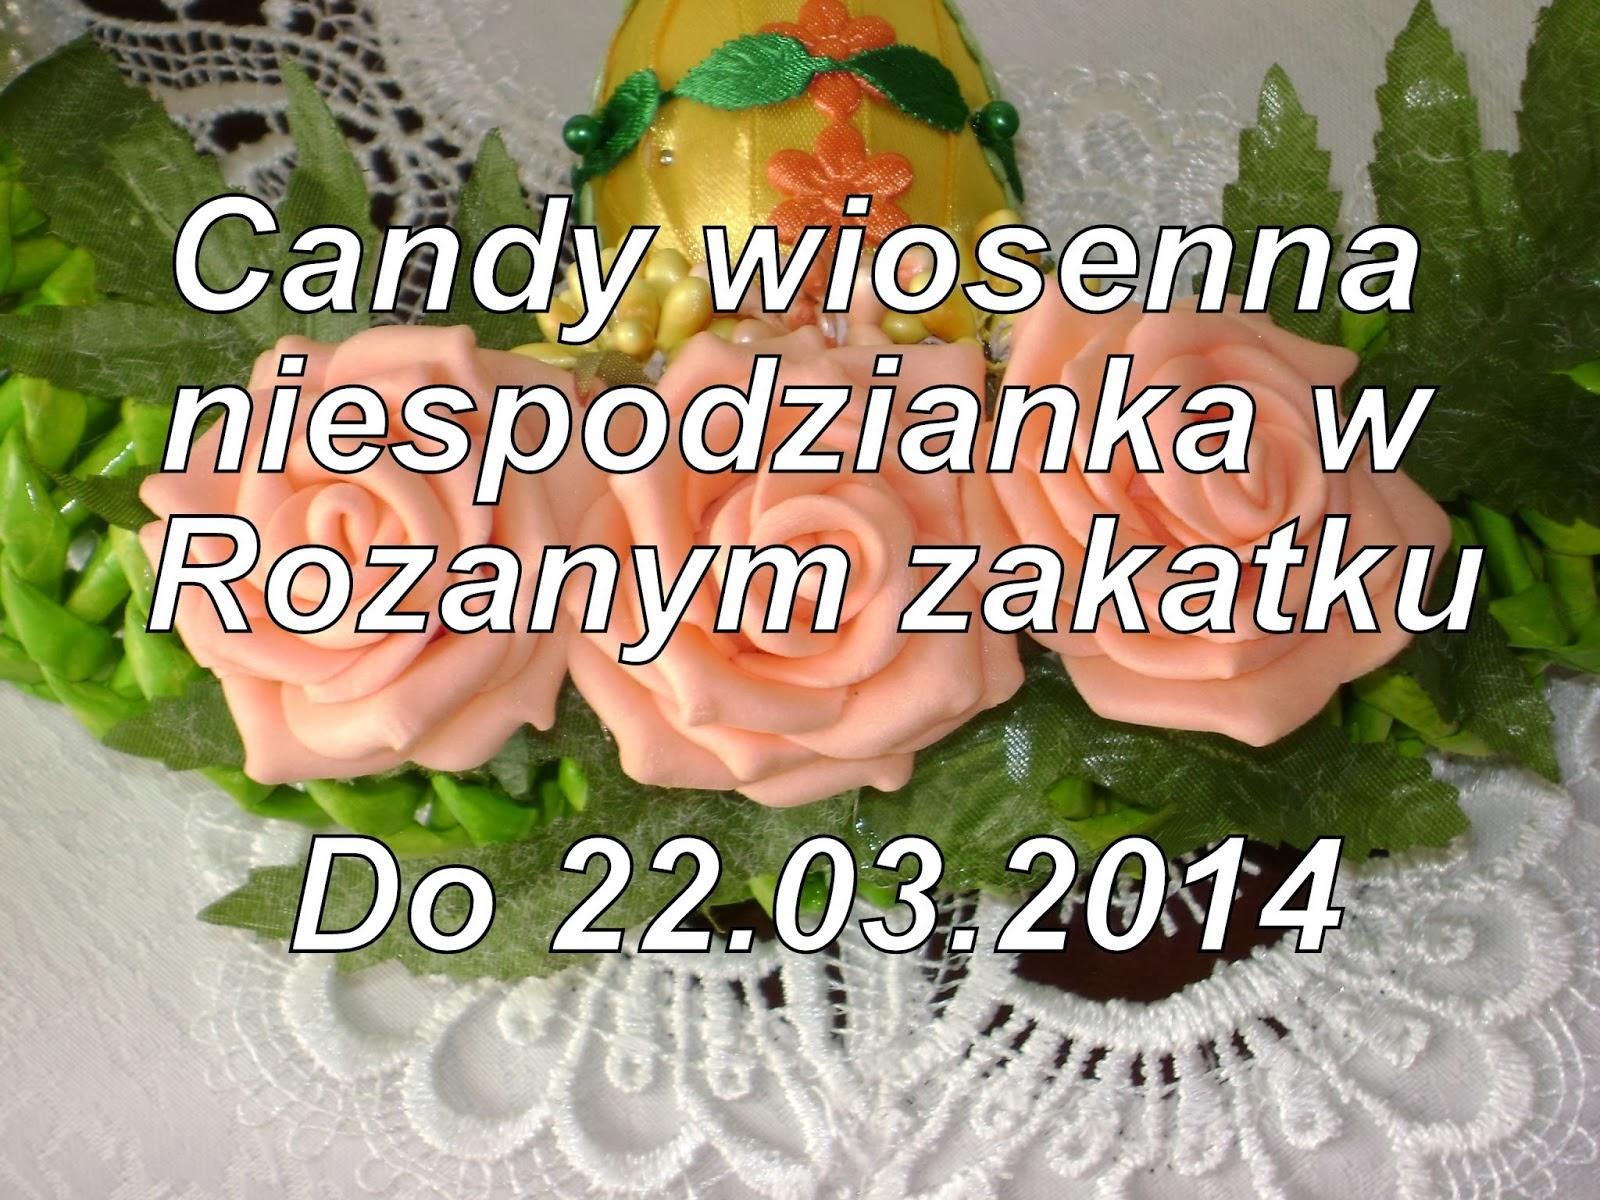 Candy wiosenna niespodzianka w Rózannym Zakątku